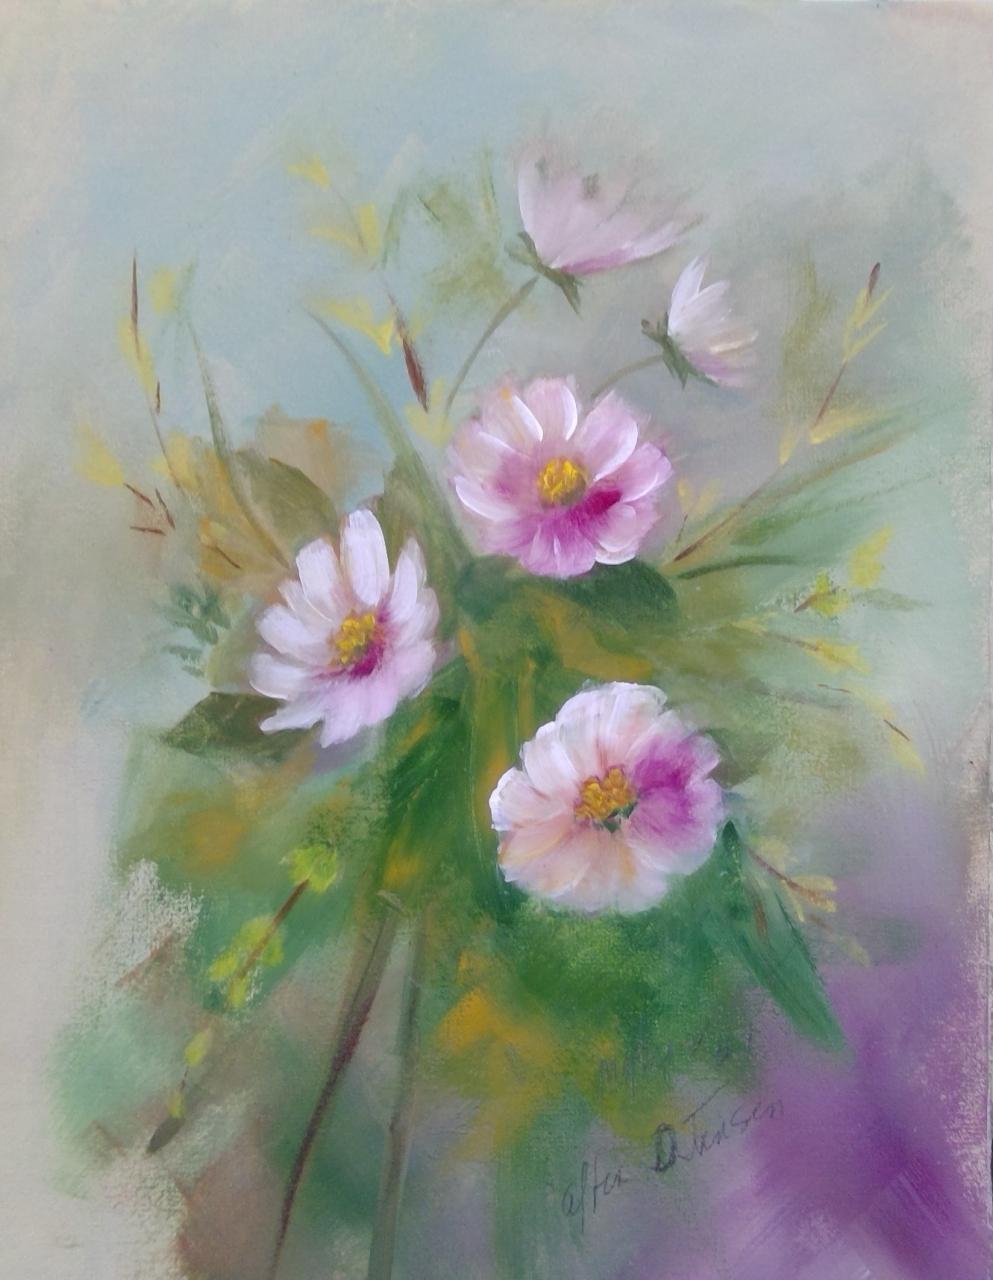 cf daisies a